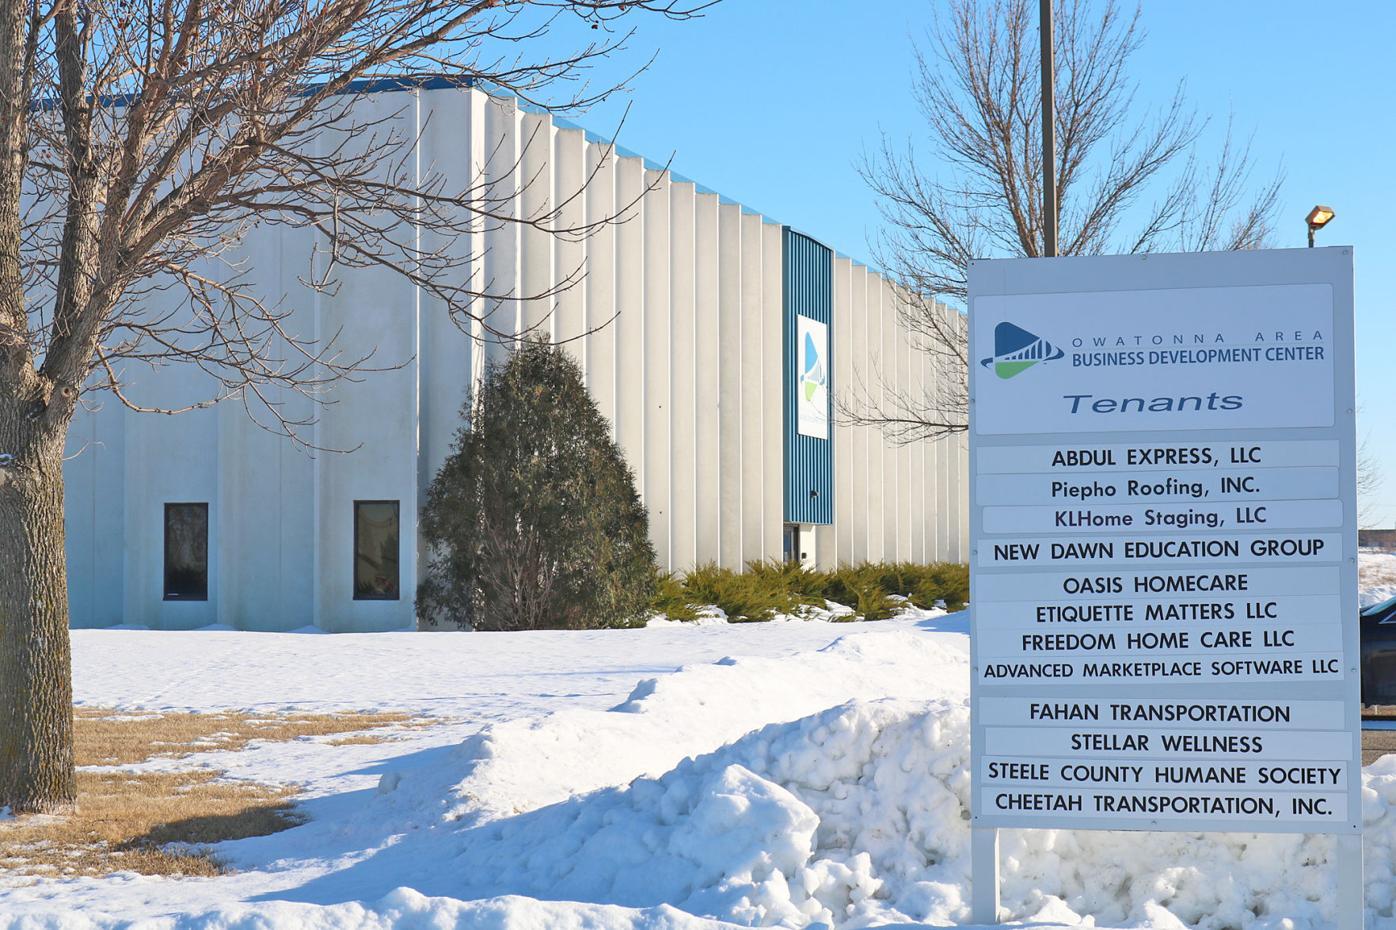 Owatonna Area Business Development Center